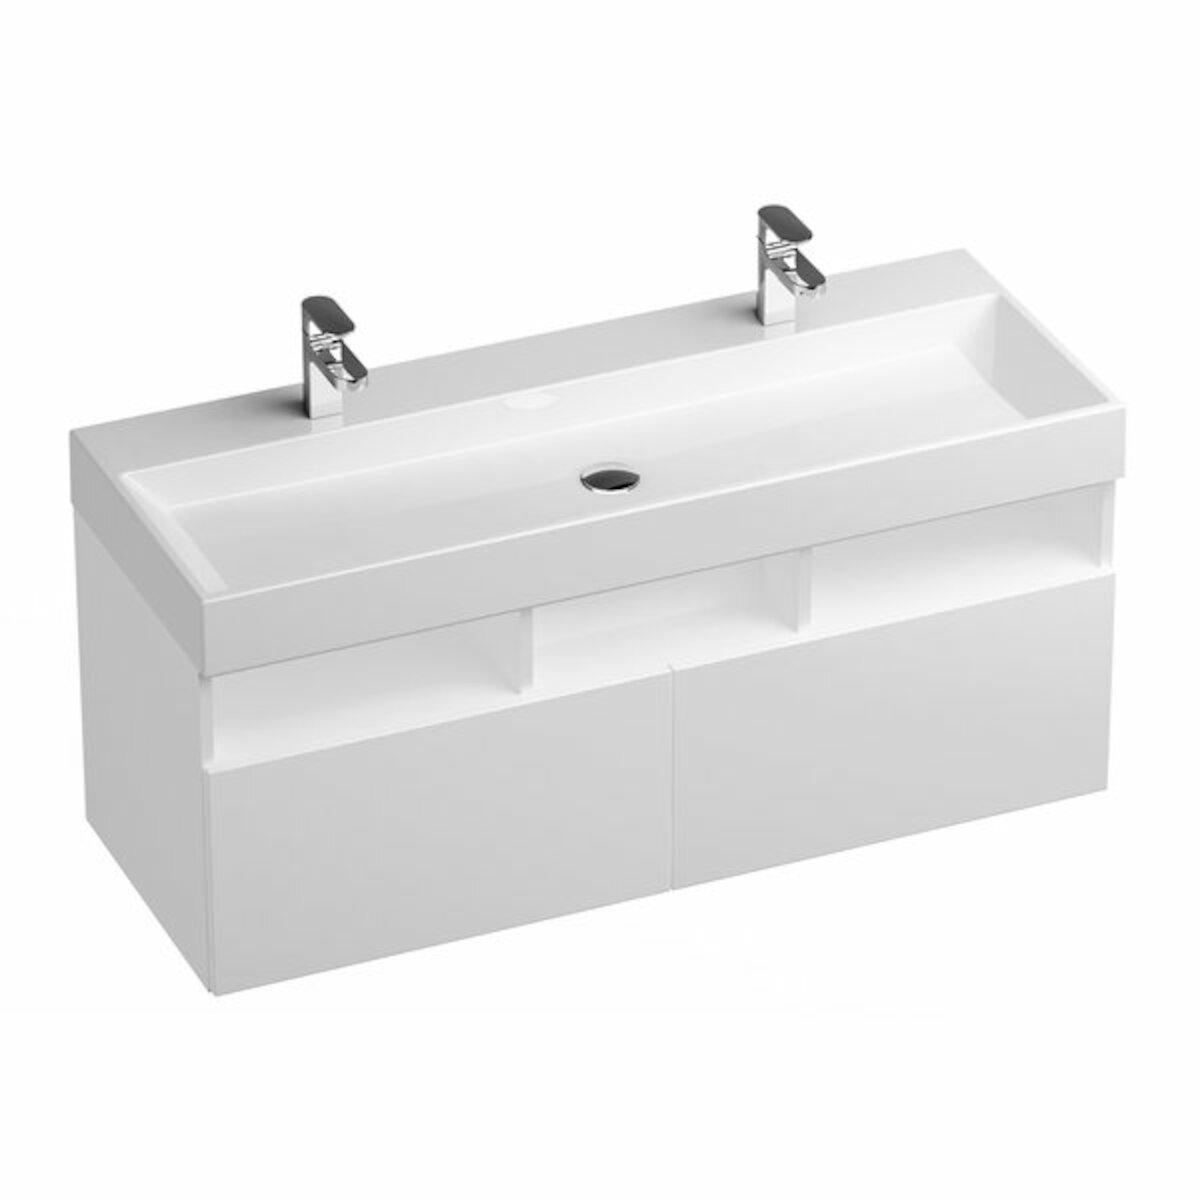 Kúpeľňová skrinka pod umývadlo Ravak Natural 45x45 cm biela X000001053